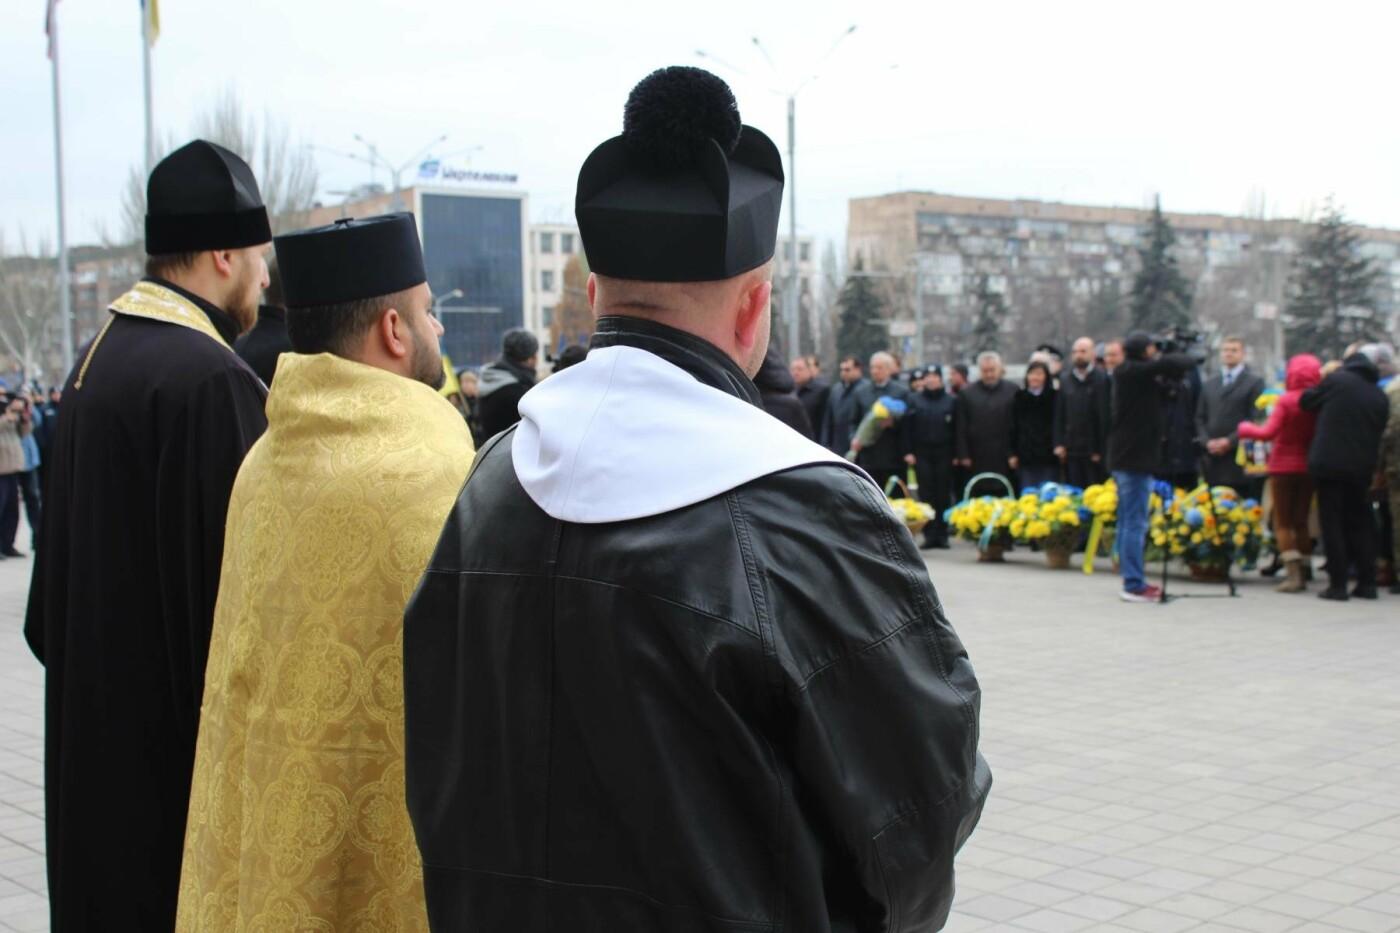 В Запорожье на митинге возле ОГА отметили День достоинства и свободы, — ФОТОРЕПОРТАЖ, фото-5